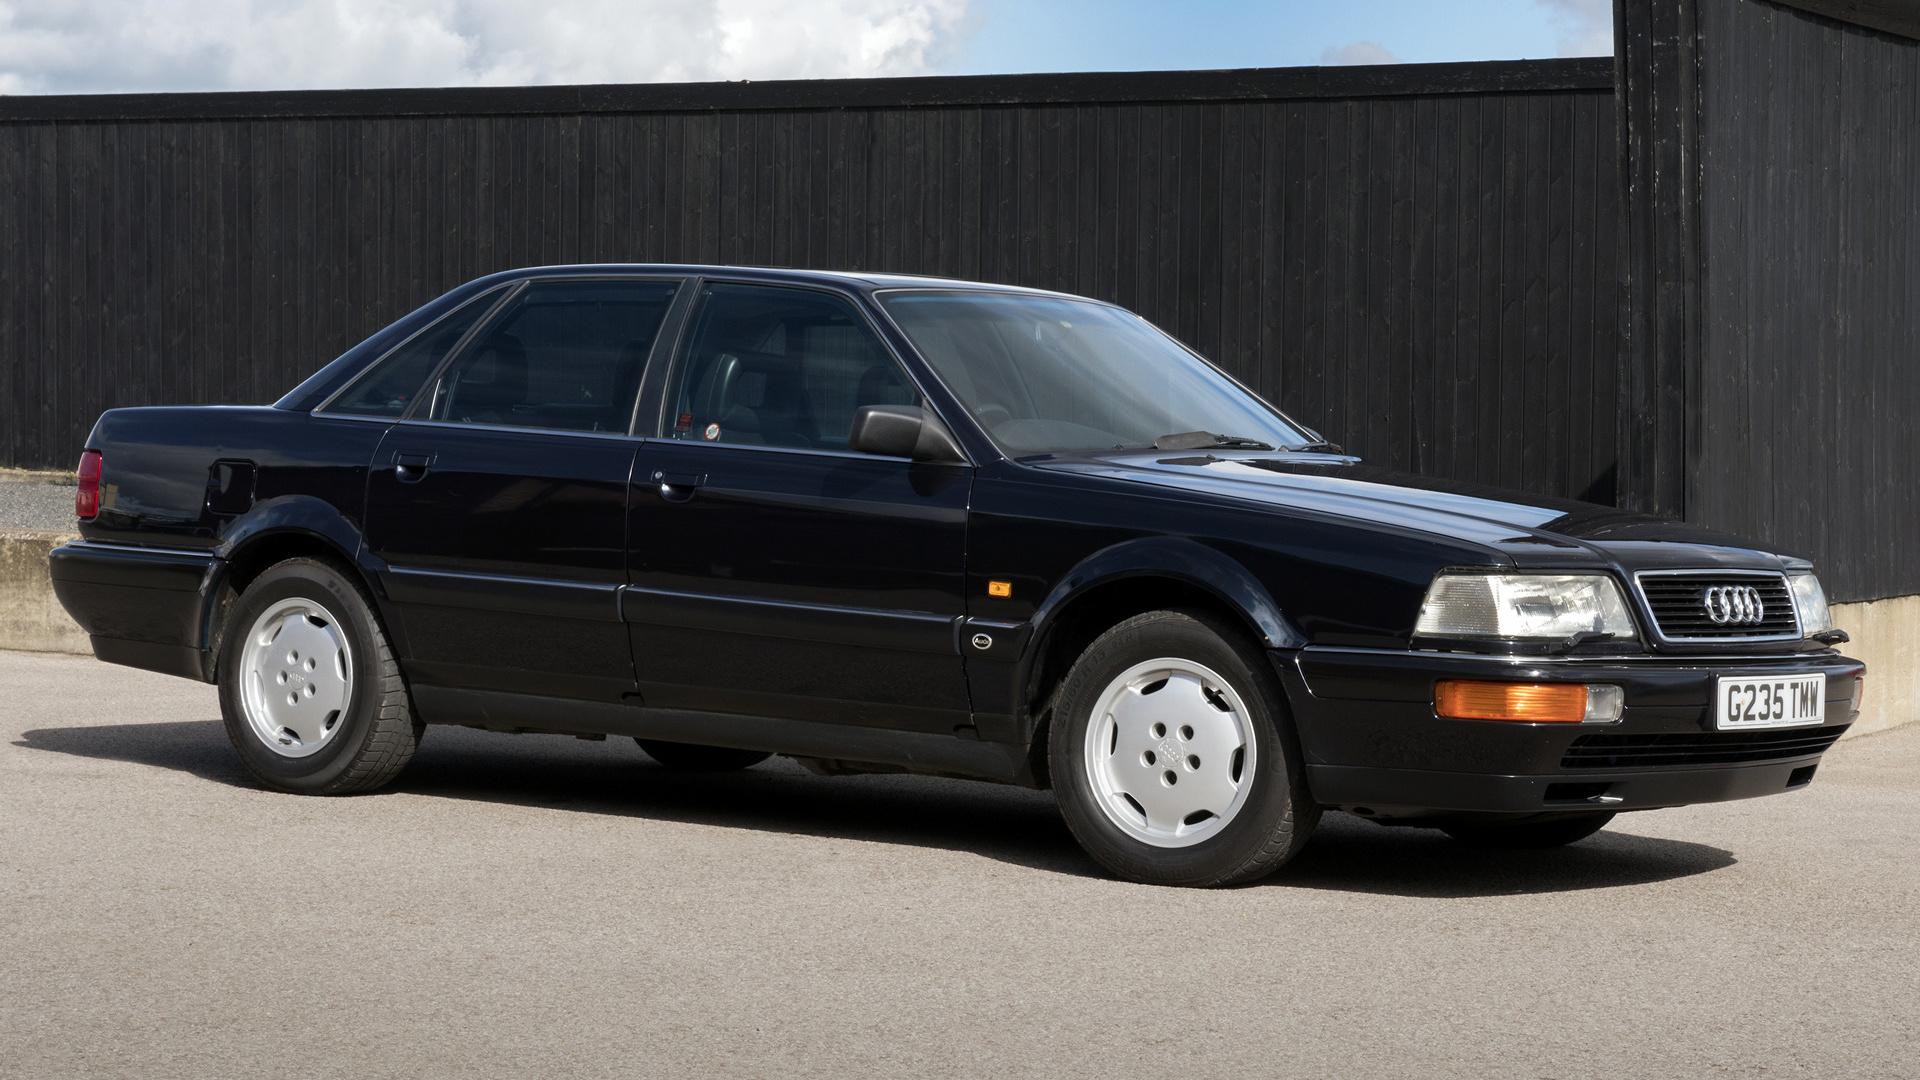 Обзор Audi V8: технические характеристики, цена ...